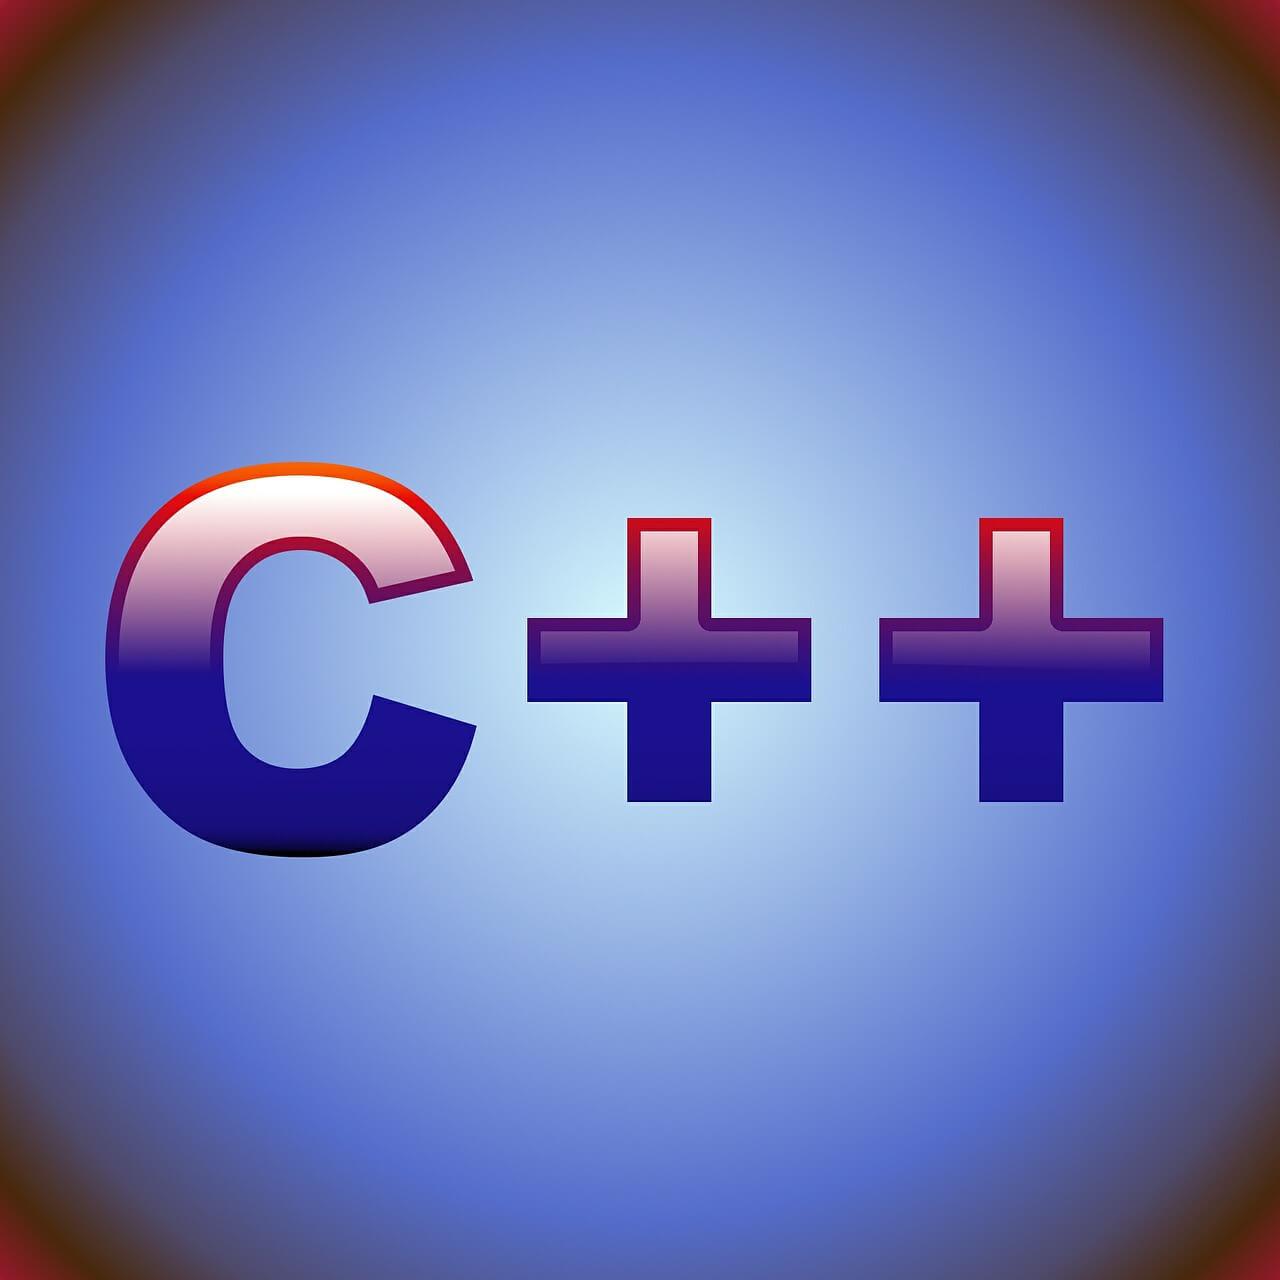 C++ Language